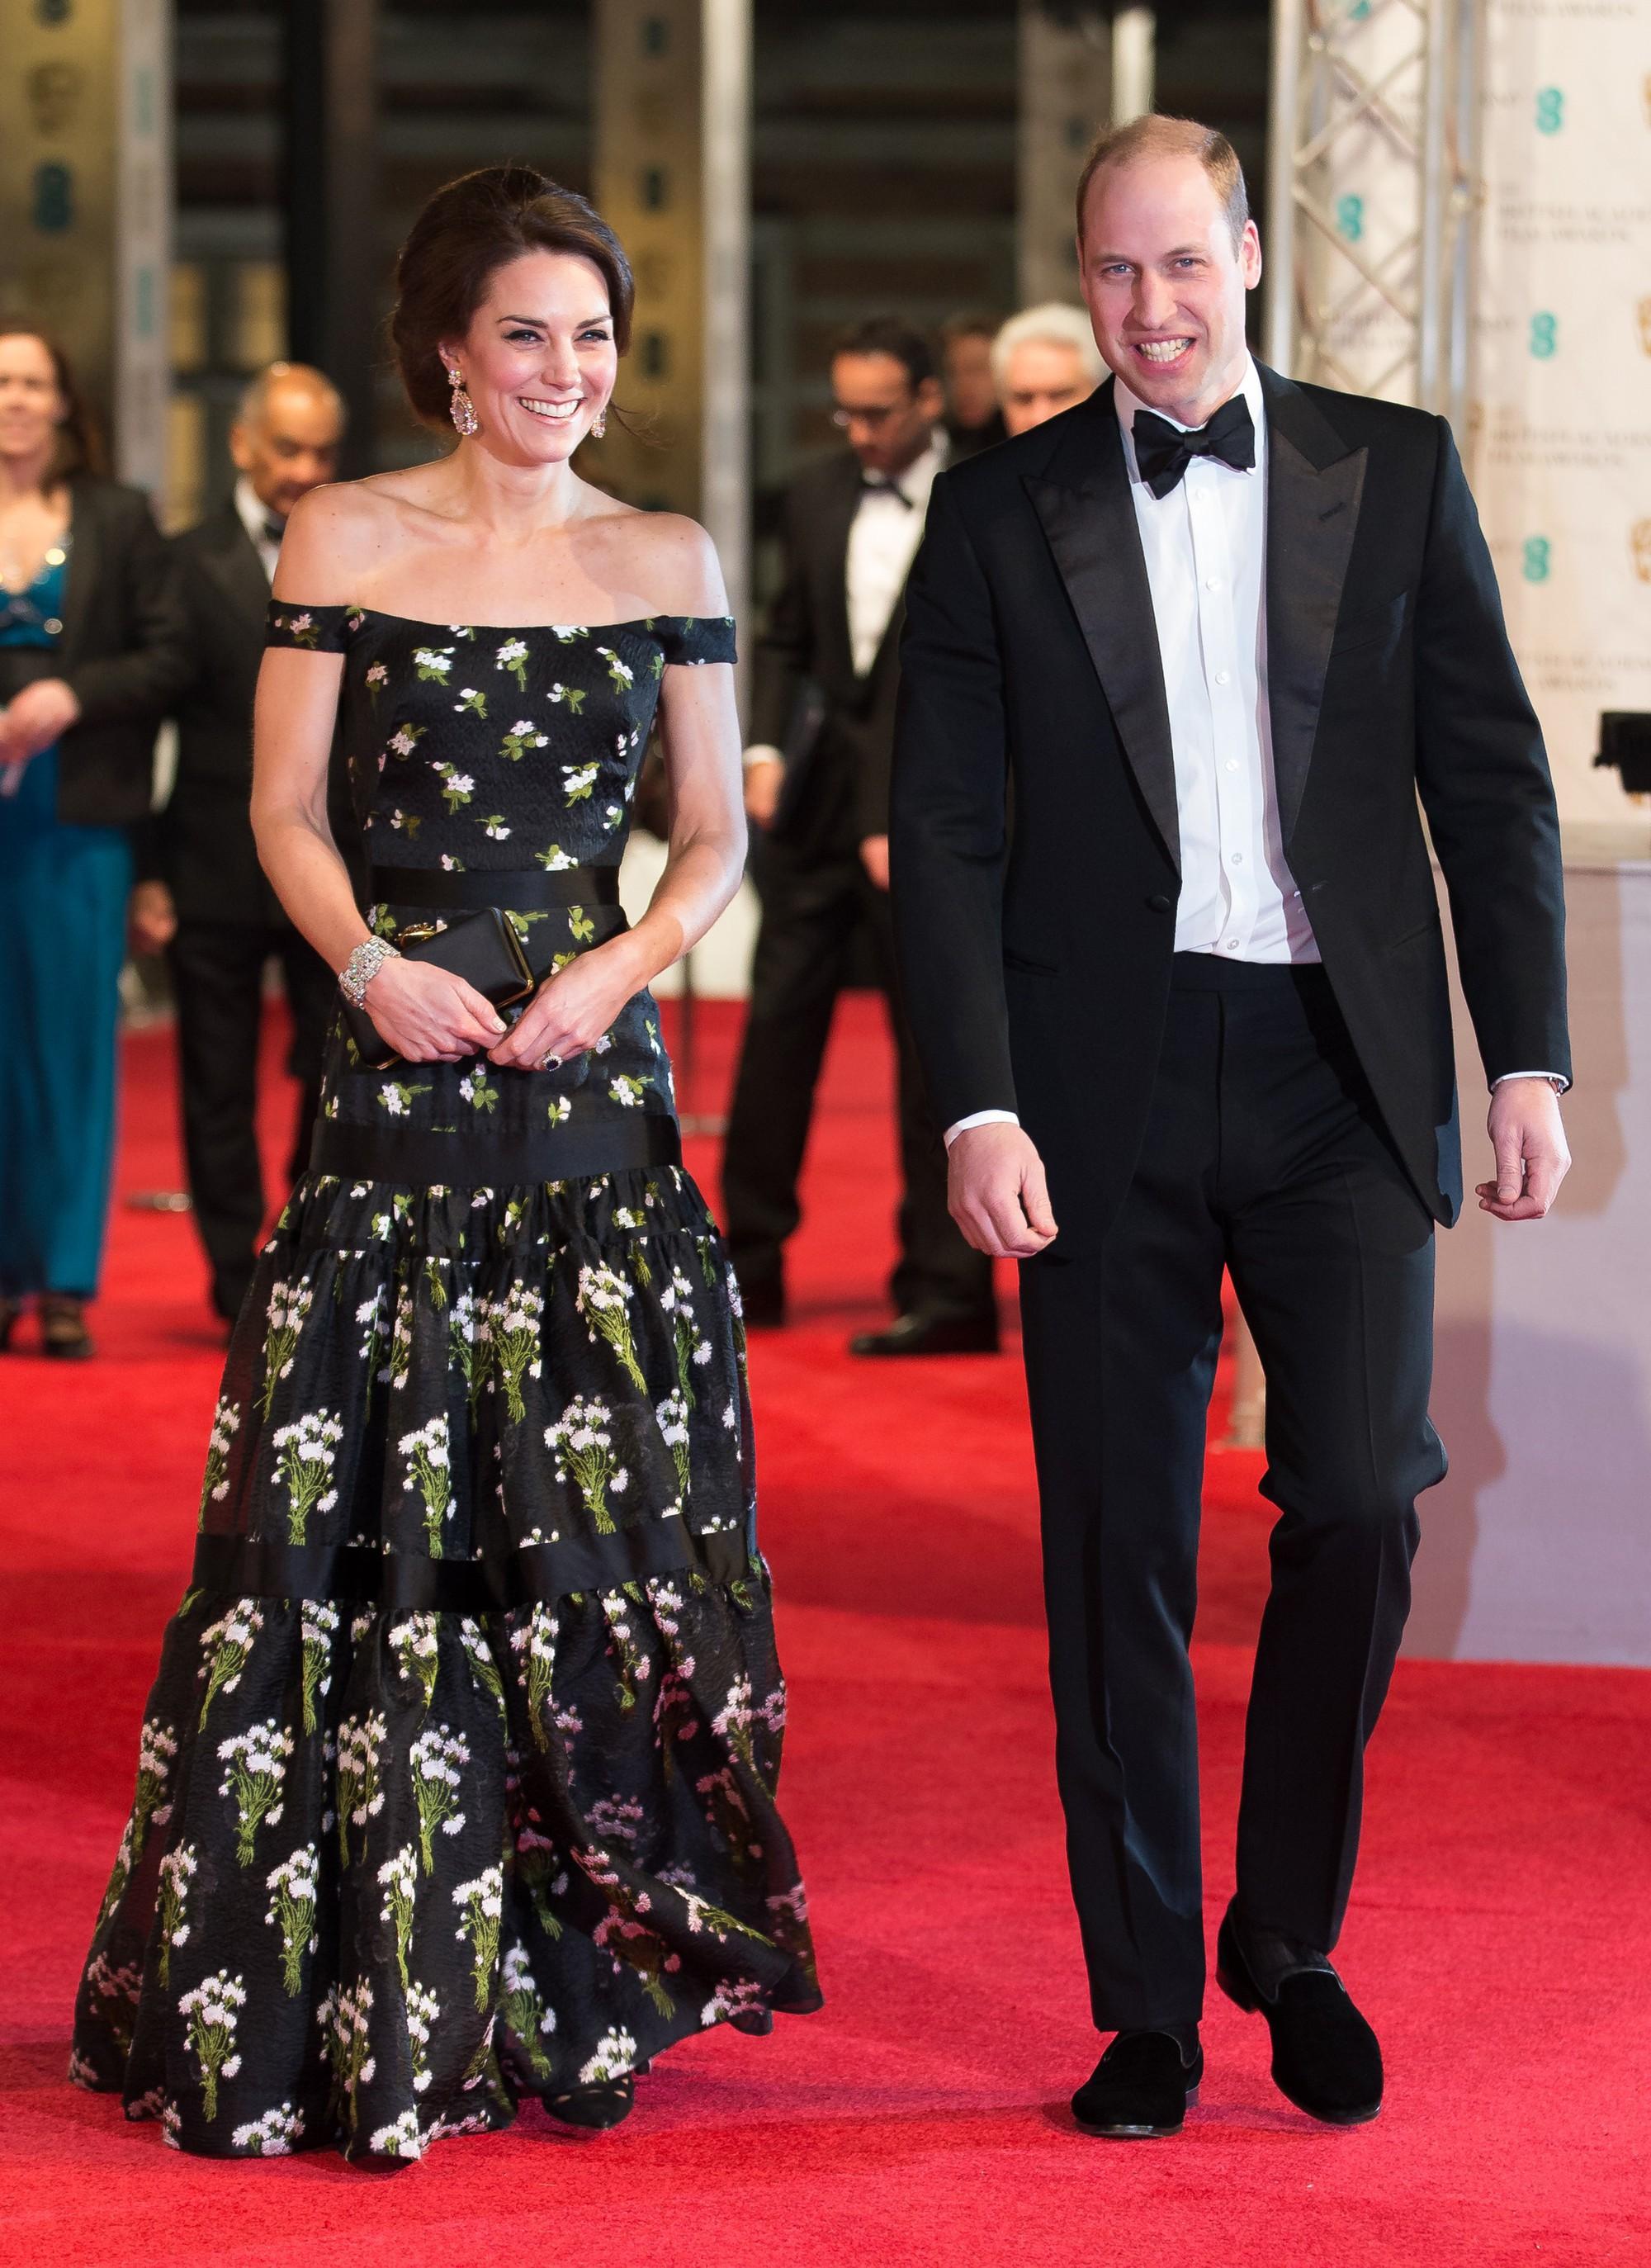 """Kate Middleton khiến dân tình """"phục lăn"""" vì chế lại váy quá sức tài tình, đạt ngưỡng đỉnh cao tiết kiệm như Công nương Diana - Ảnh 4."""